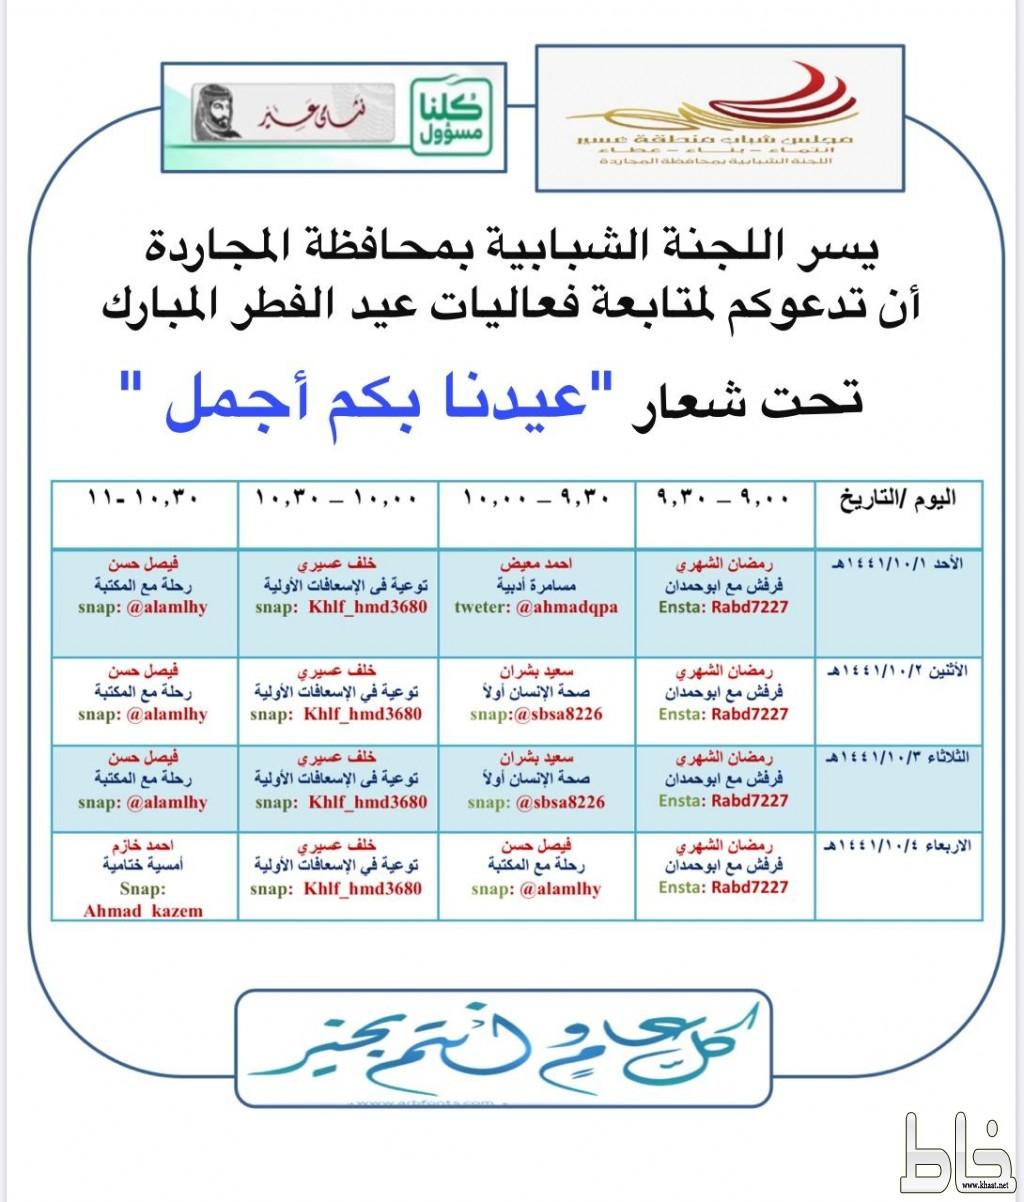 اللجنة الشبابية بمحافظة المجاردة تنفذ مبادرة «عيدنا بكم أجمل» خلال ليالي عيد الفطر المبارك 1441 ھ.